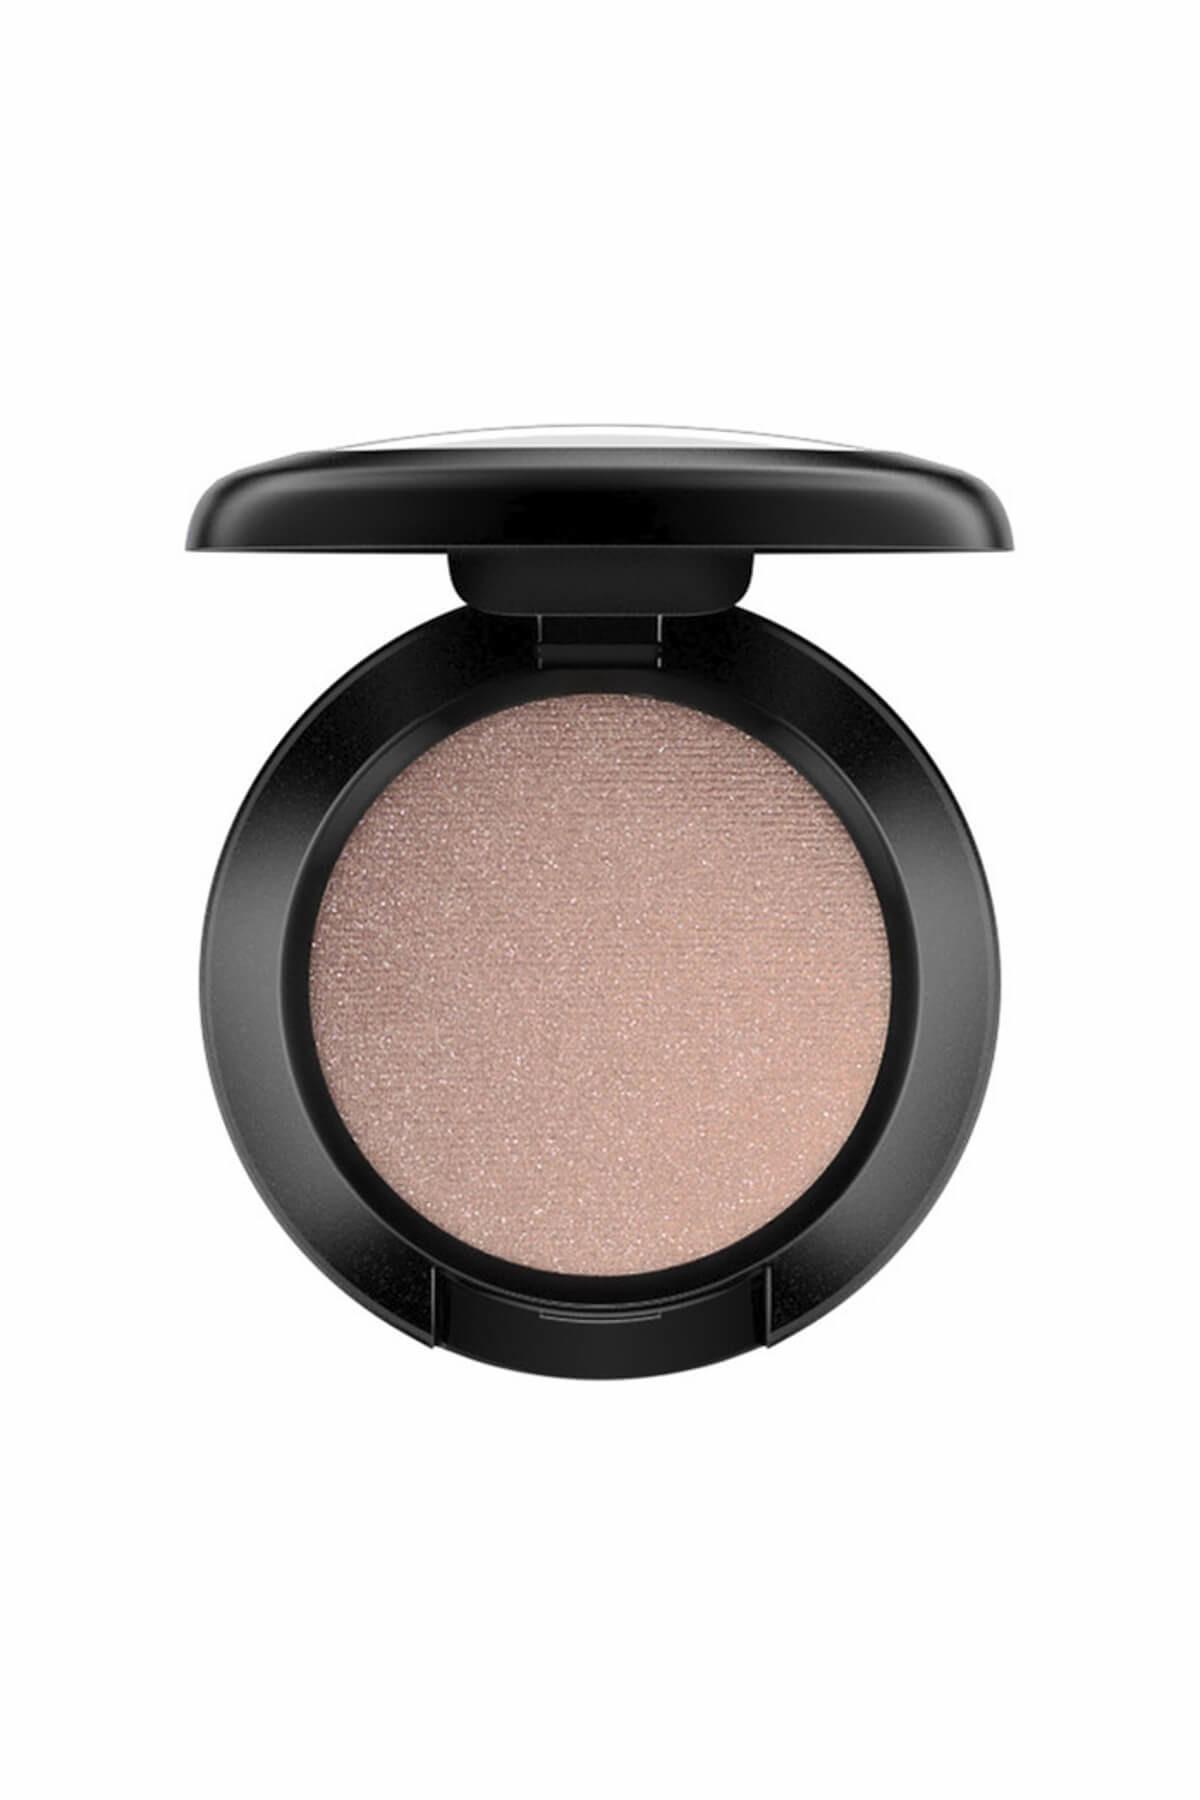 Göz Farı - Eye Shadow All That Glitters 1.5 g 773602102235